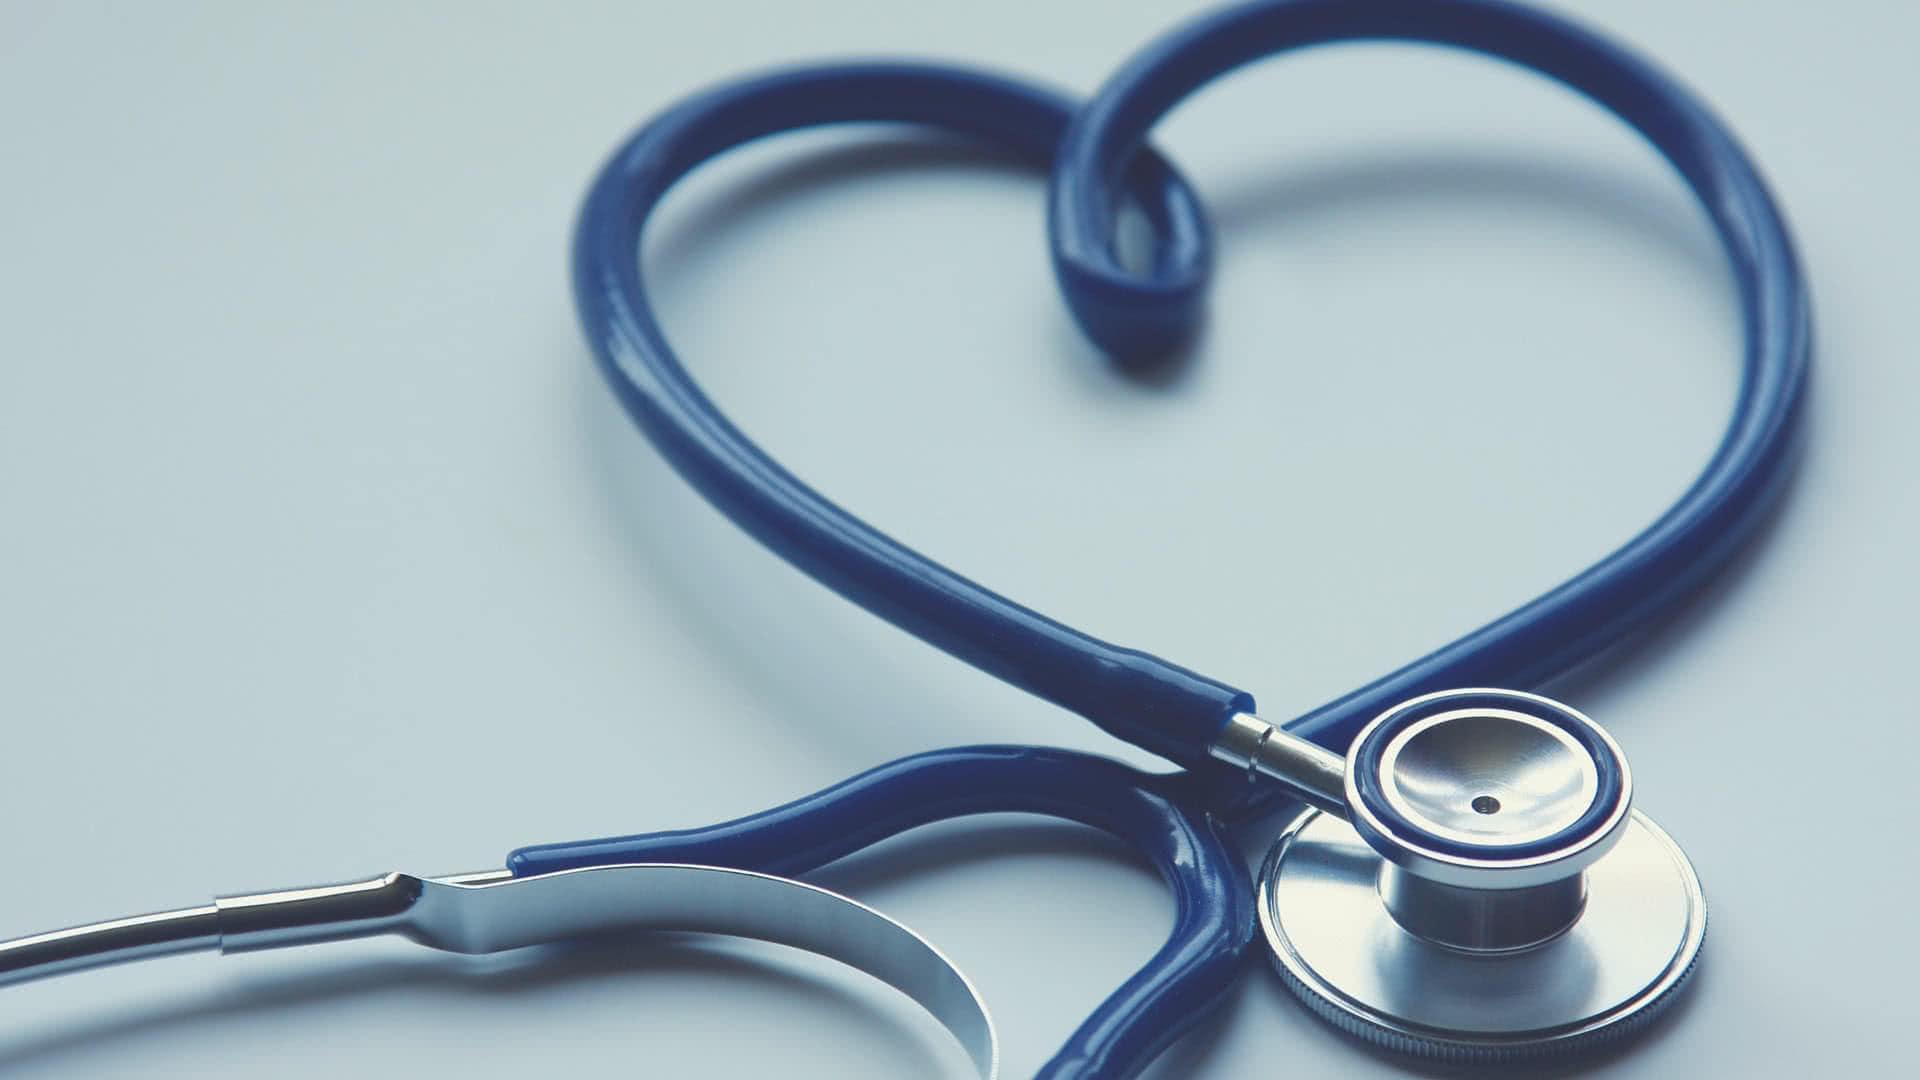 ИП и медицинская страховка